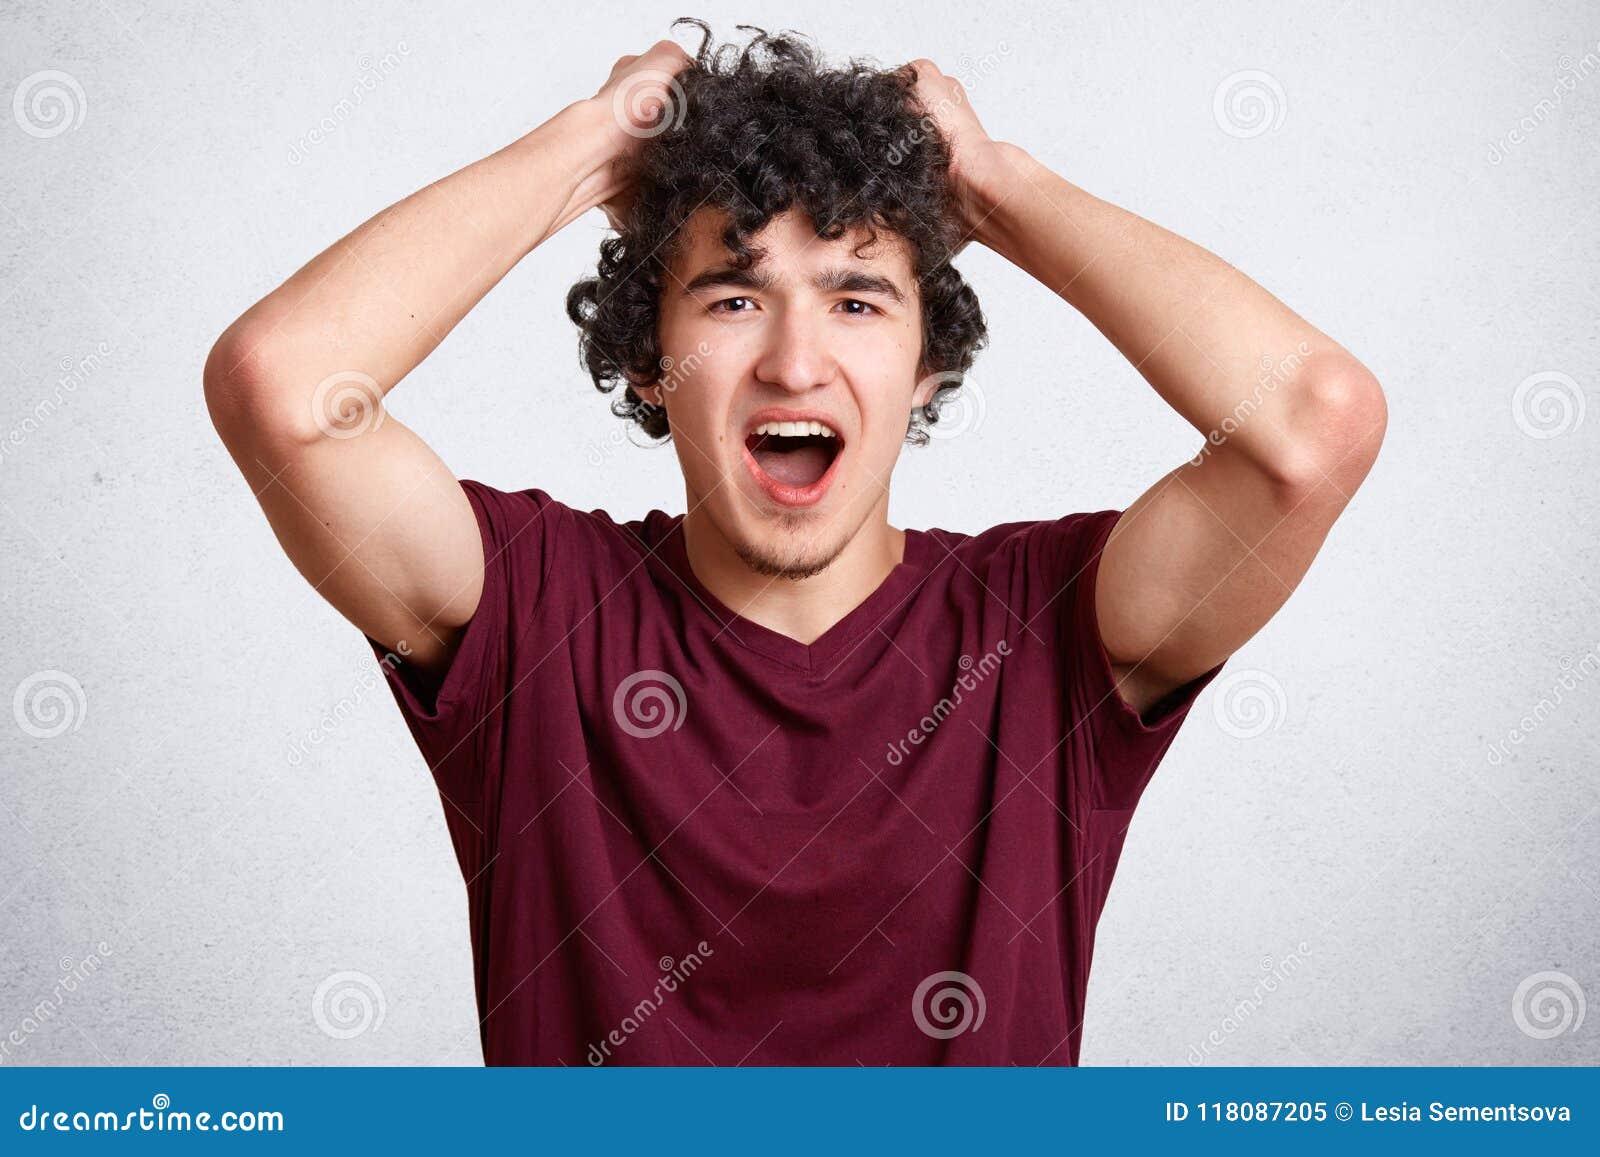 可爱的卷曲男性抓头并且响亮地惊叹,保留嘴宽打开,穿偶然T恤杉,摆在反对白色concr